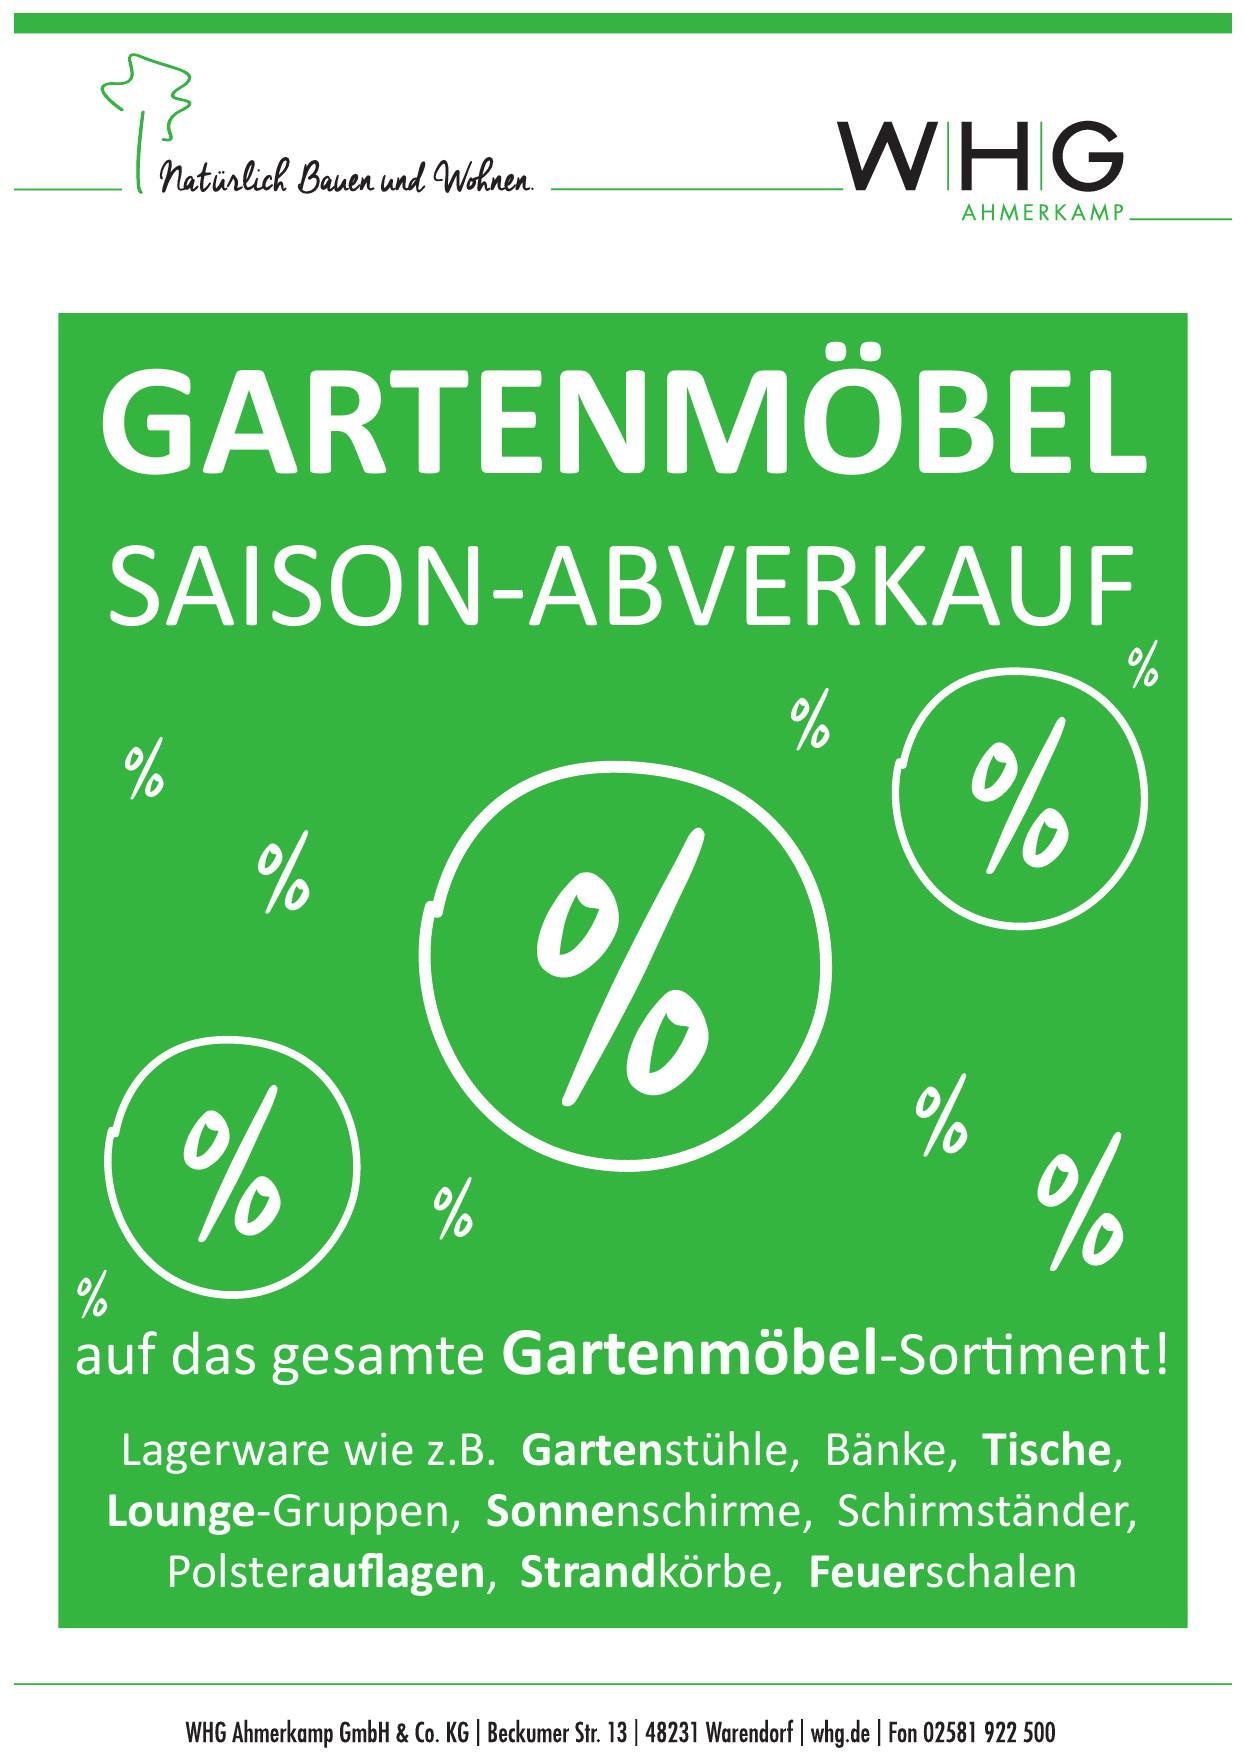 WHG Ahmerkamp GmbH & Co. KG